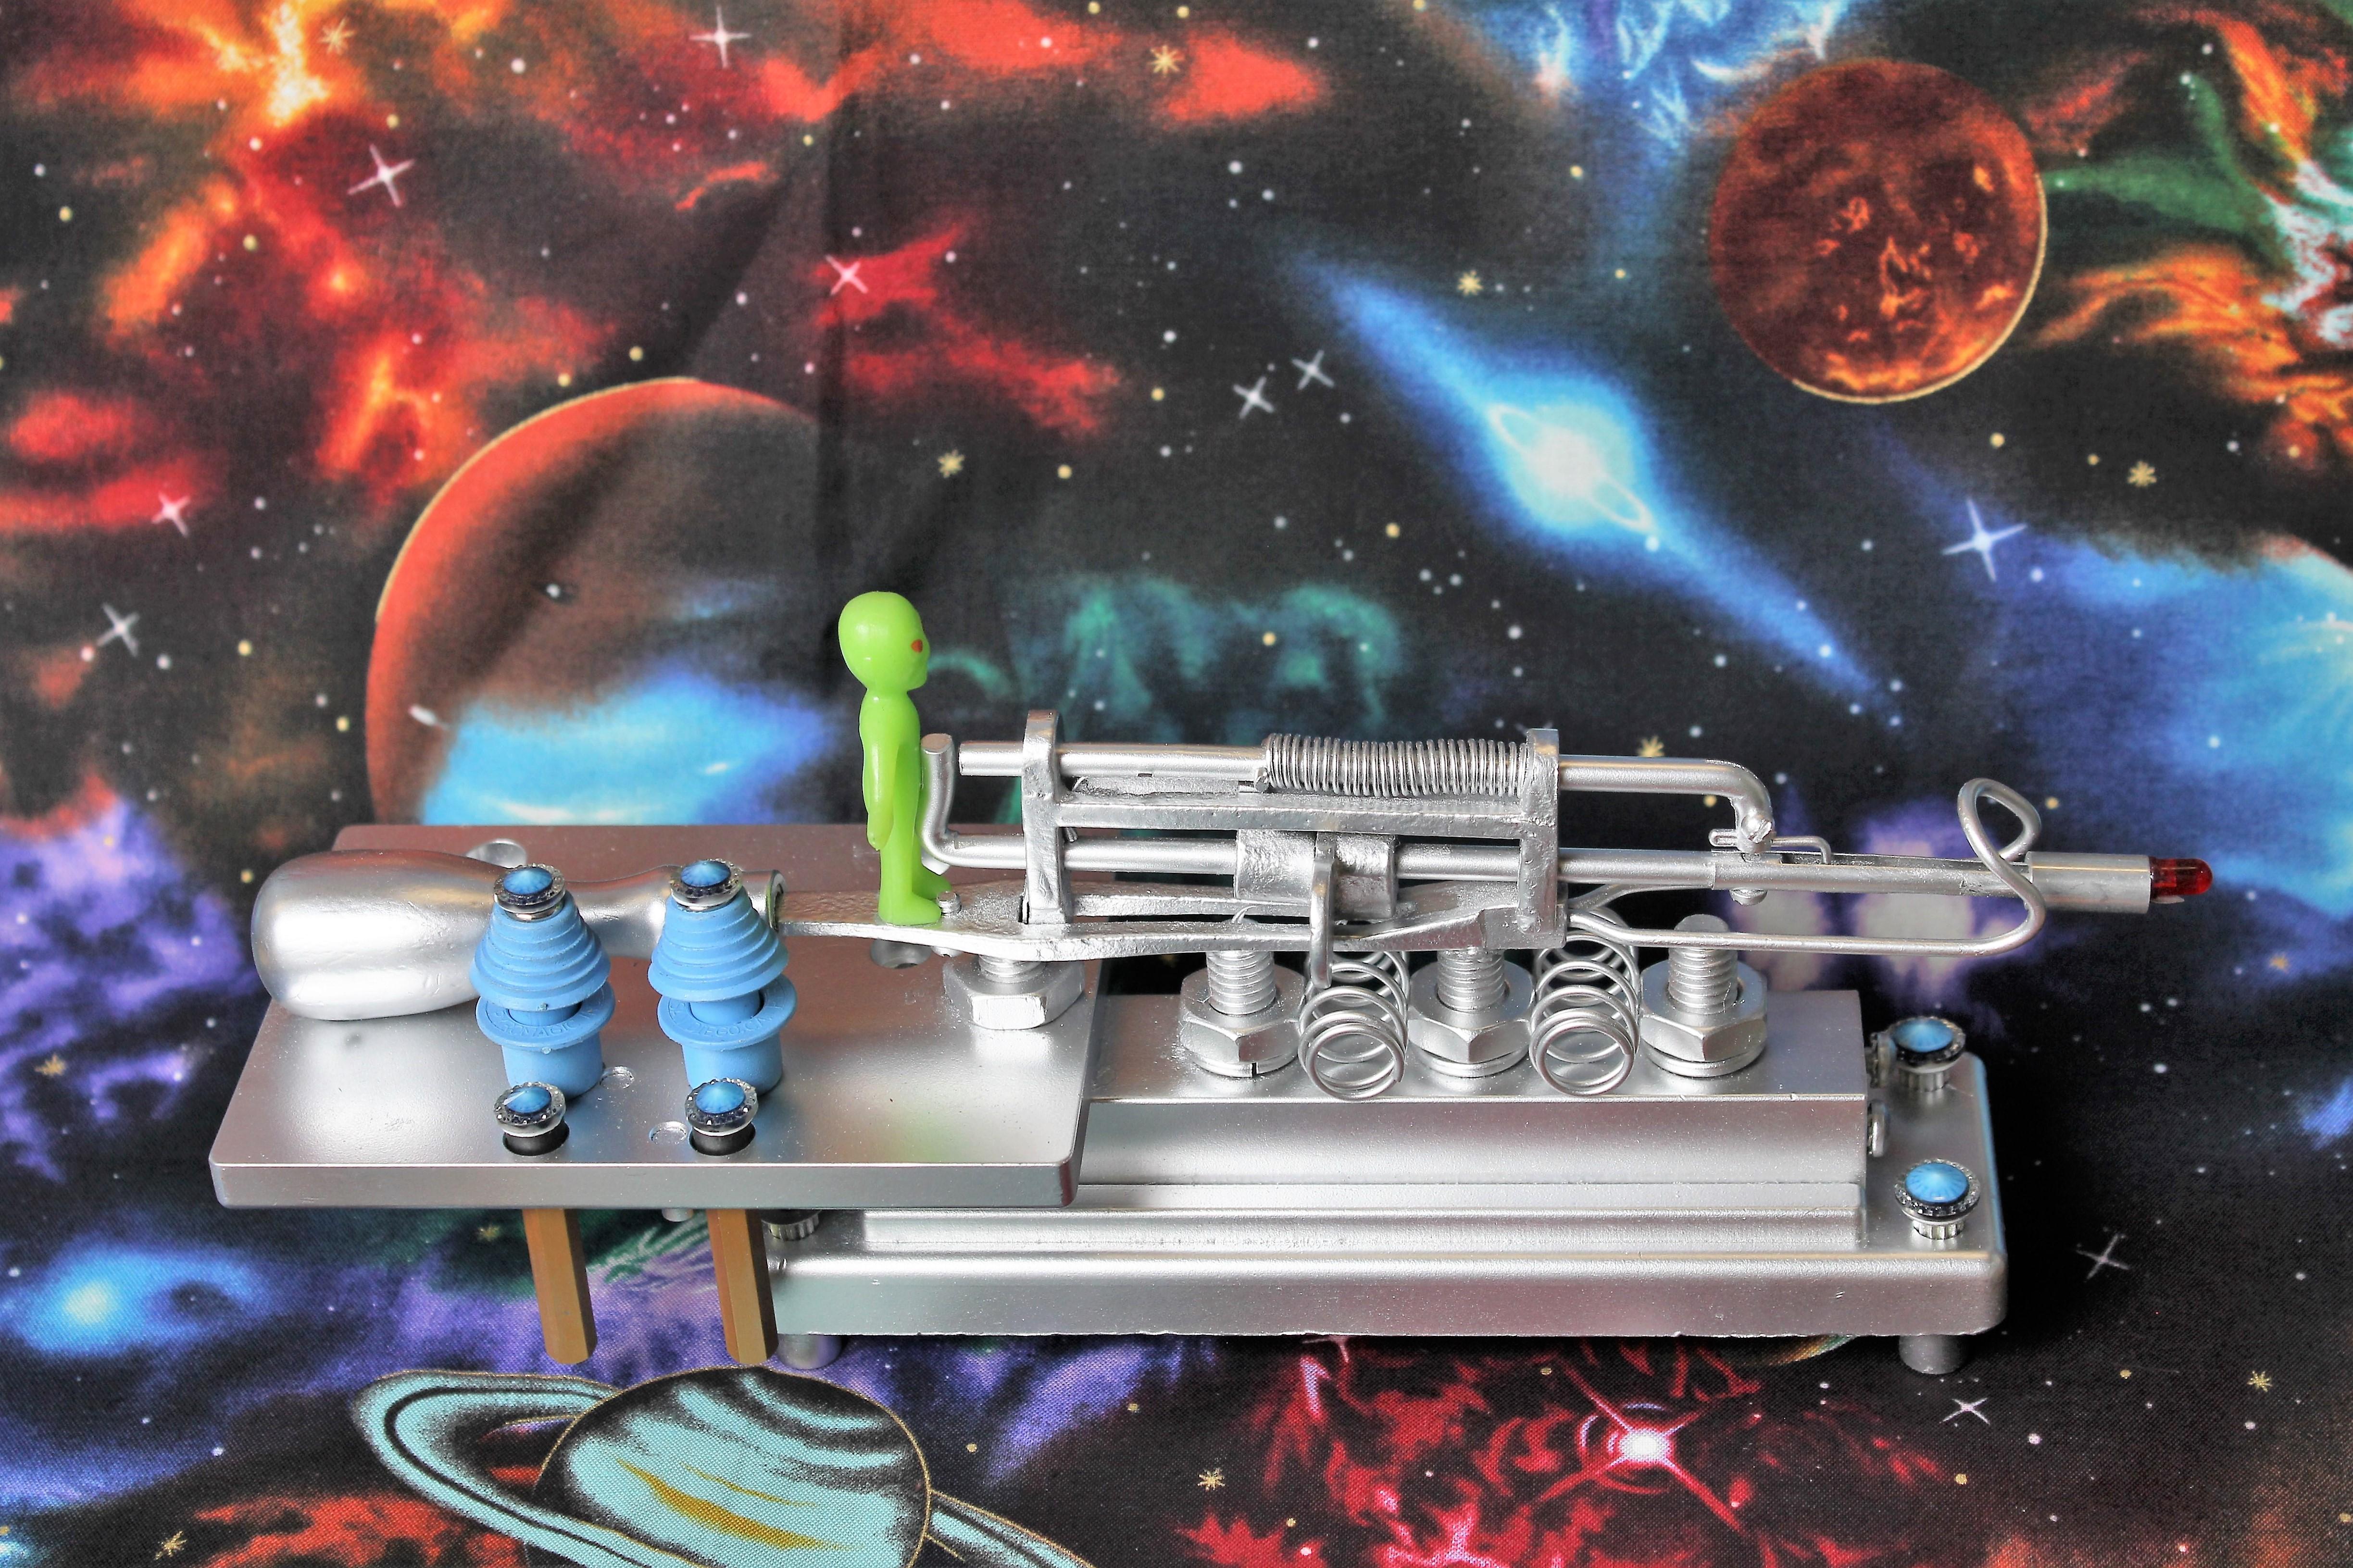 85A Alien Laser Beam